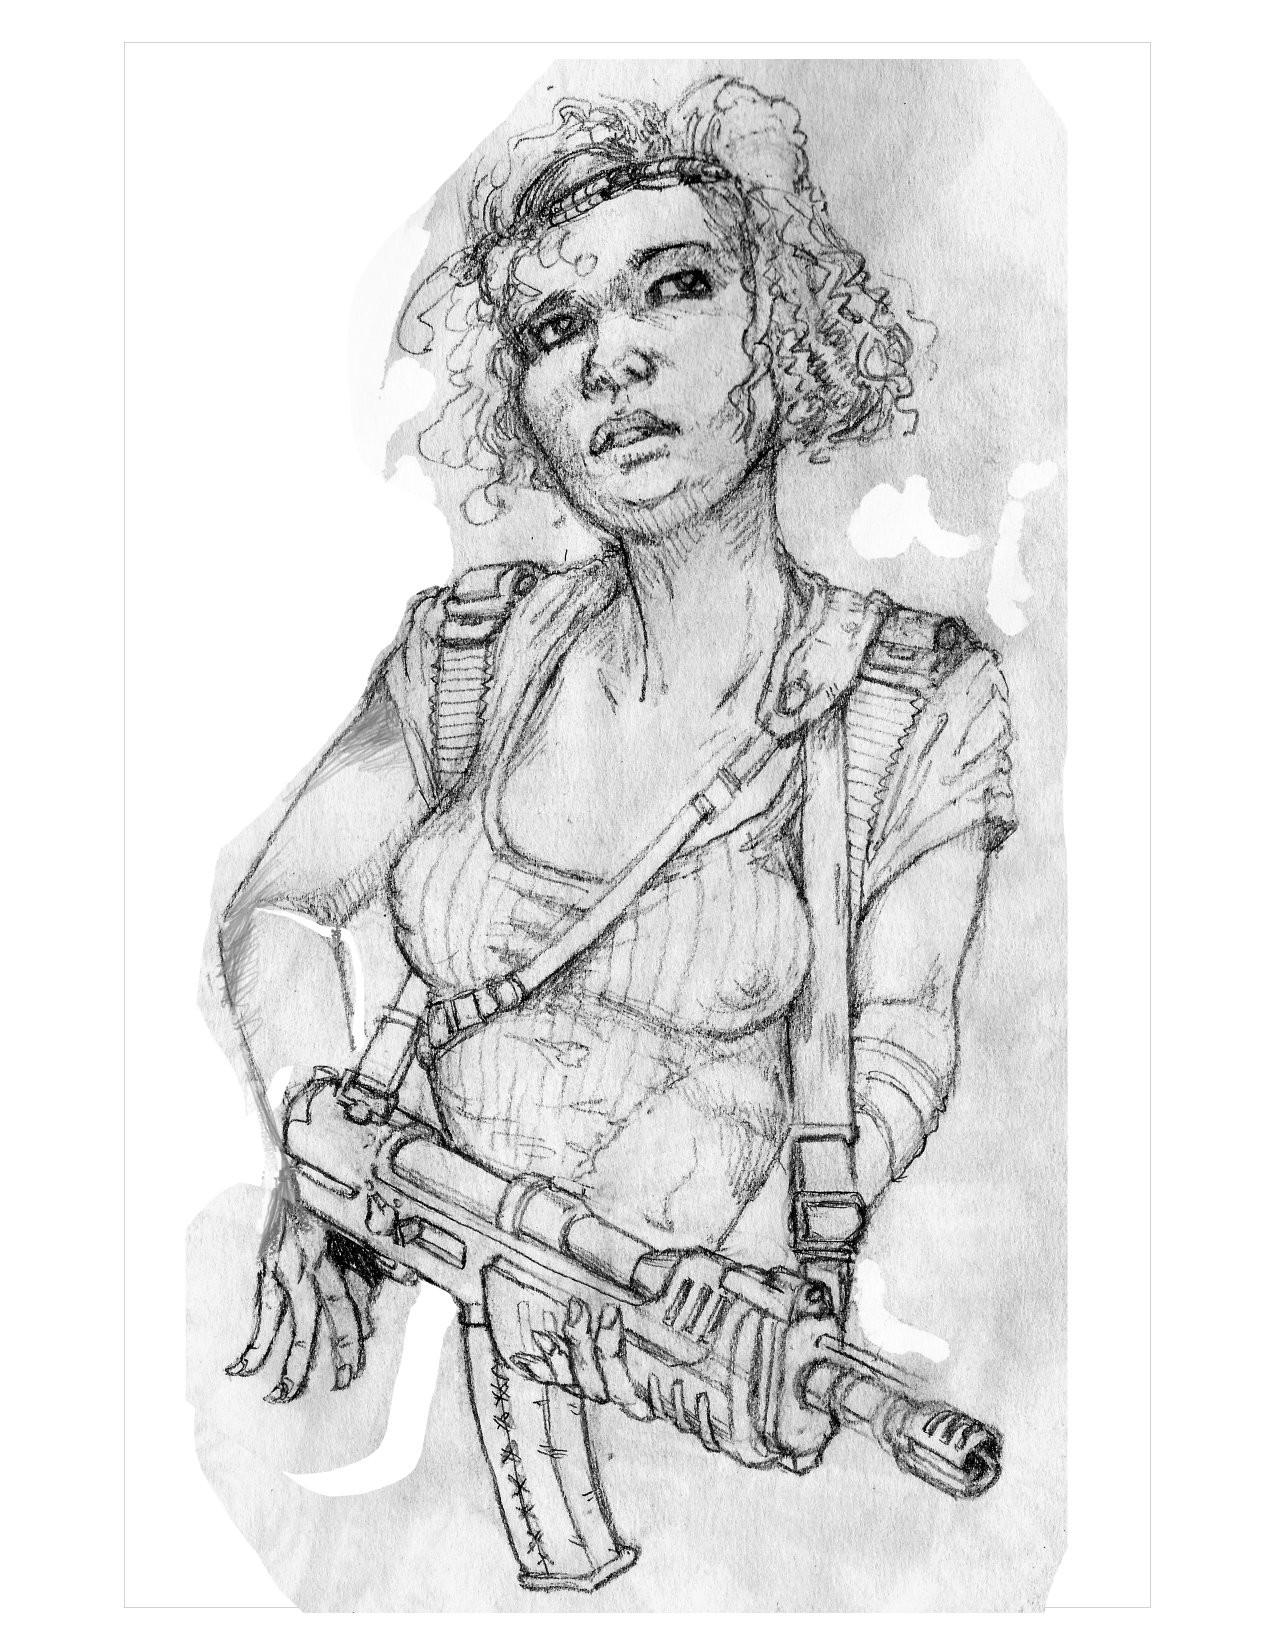 Adjusted Scanned Pencil sketch.